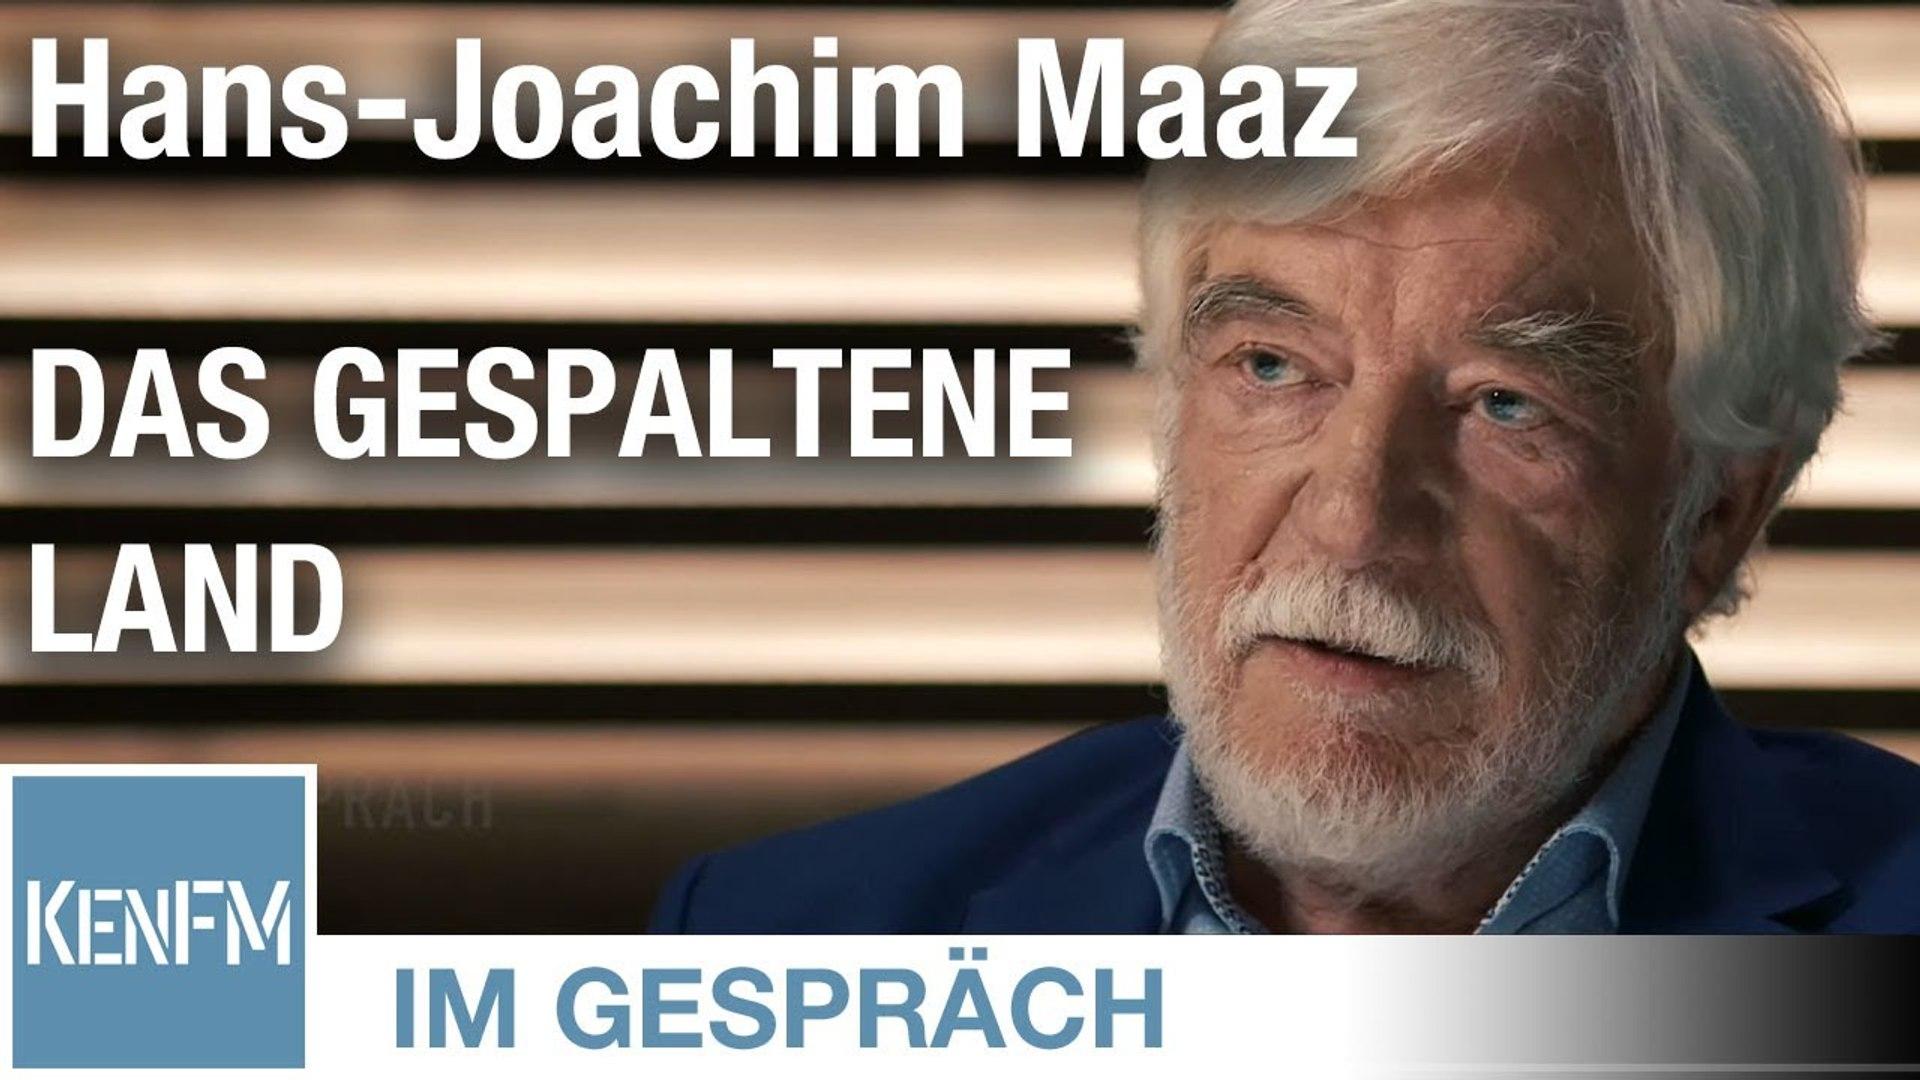 """Im Gespräch: Hans-Joachim Maaz (""""Das gespaltene Land"""")"""